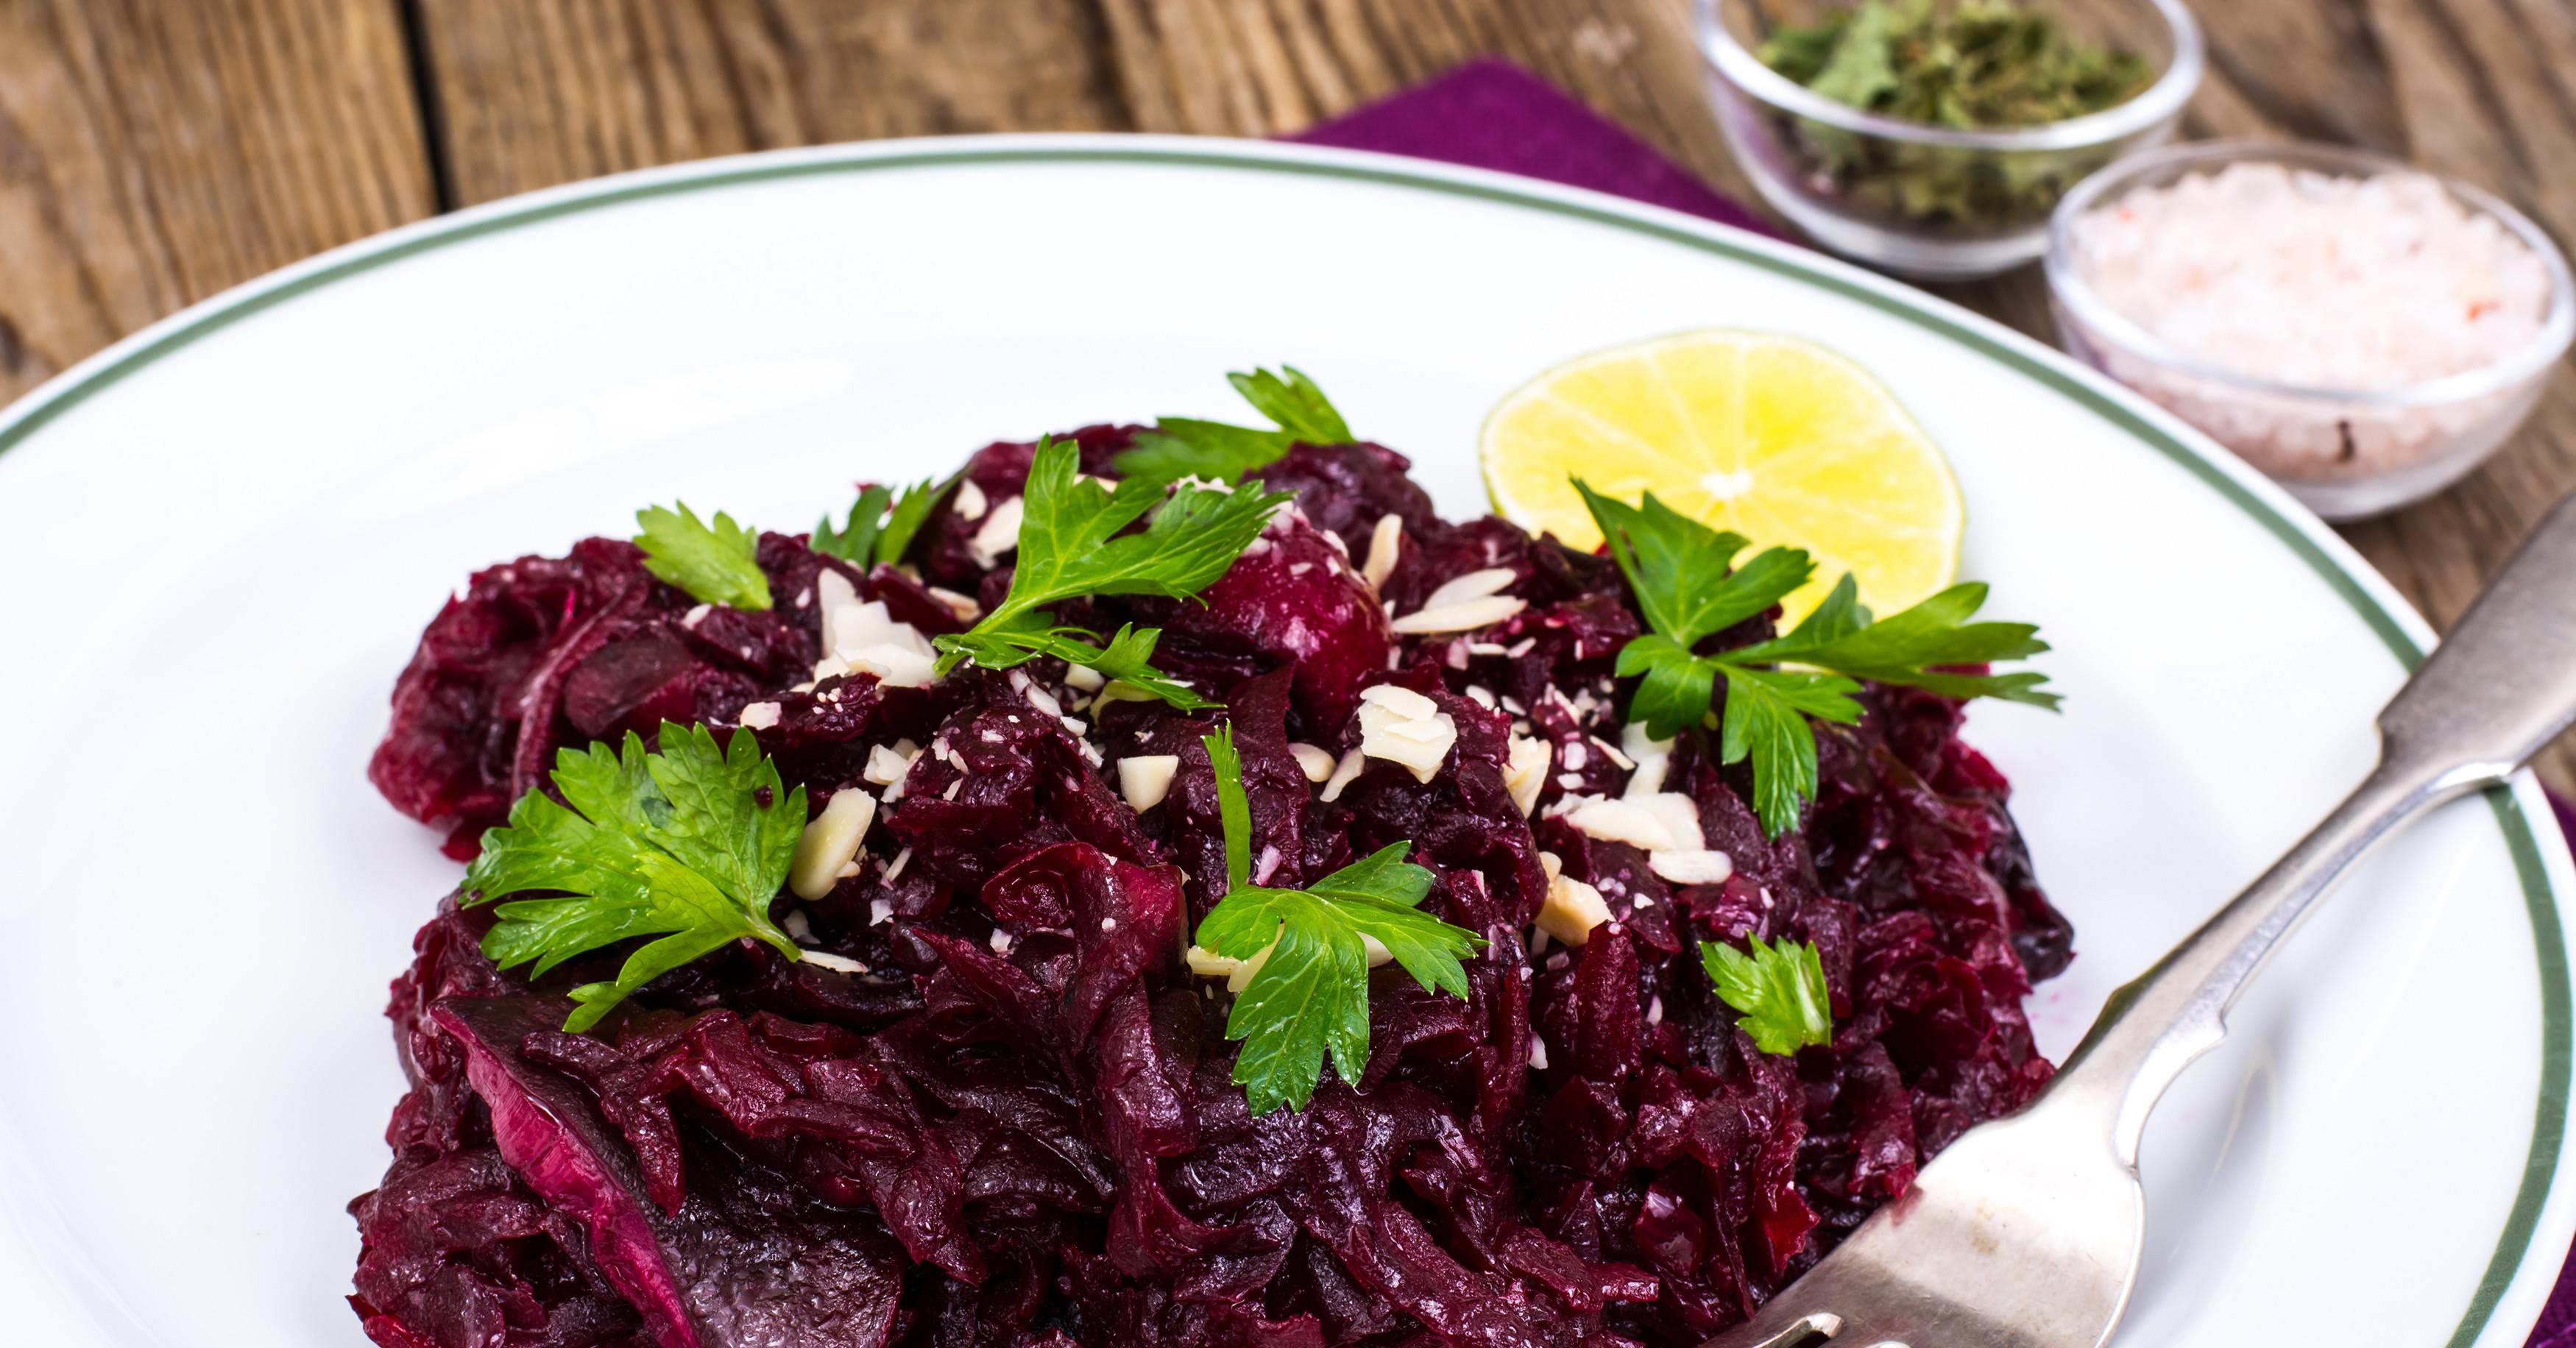 Салат любовница со свеклой и морковью - разные по вкусовым ощущениям компоненты: рецепт с фото и видео